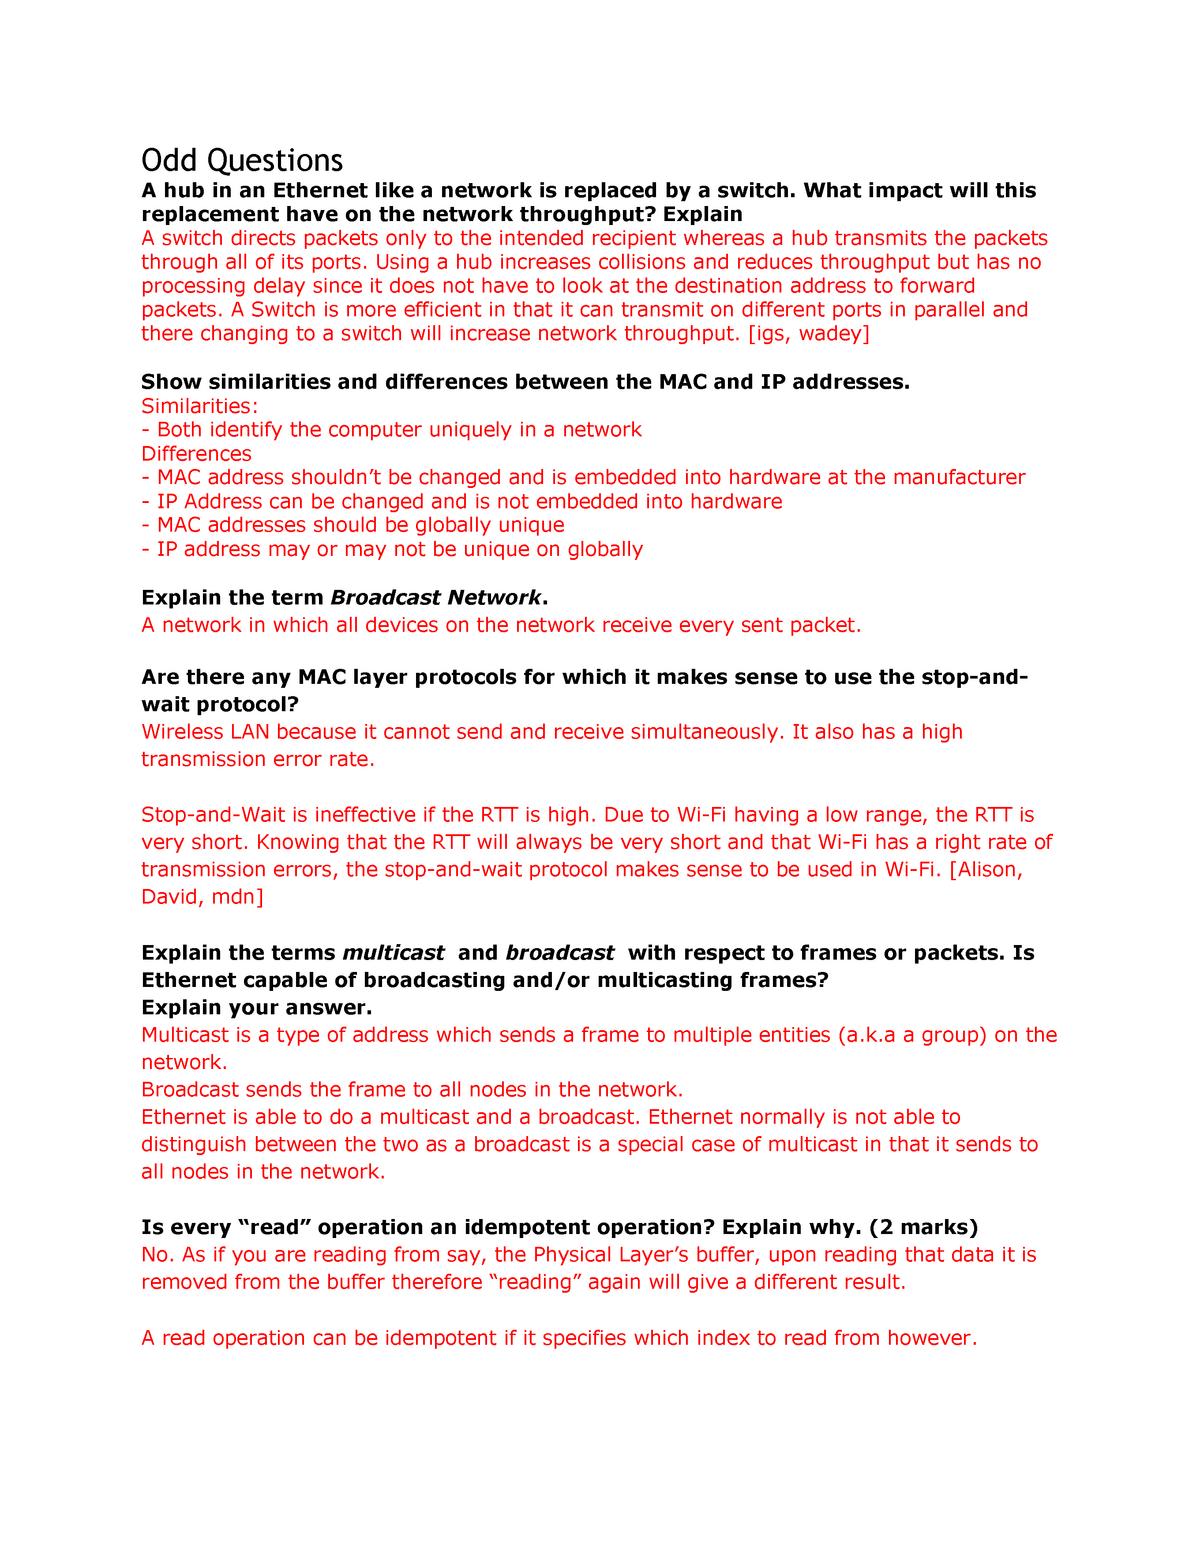 Exam 2014 - COMS3200: Computer Networks I - StuDocu